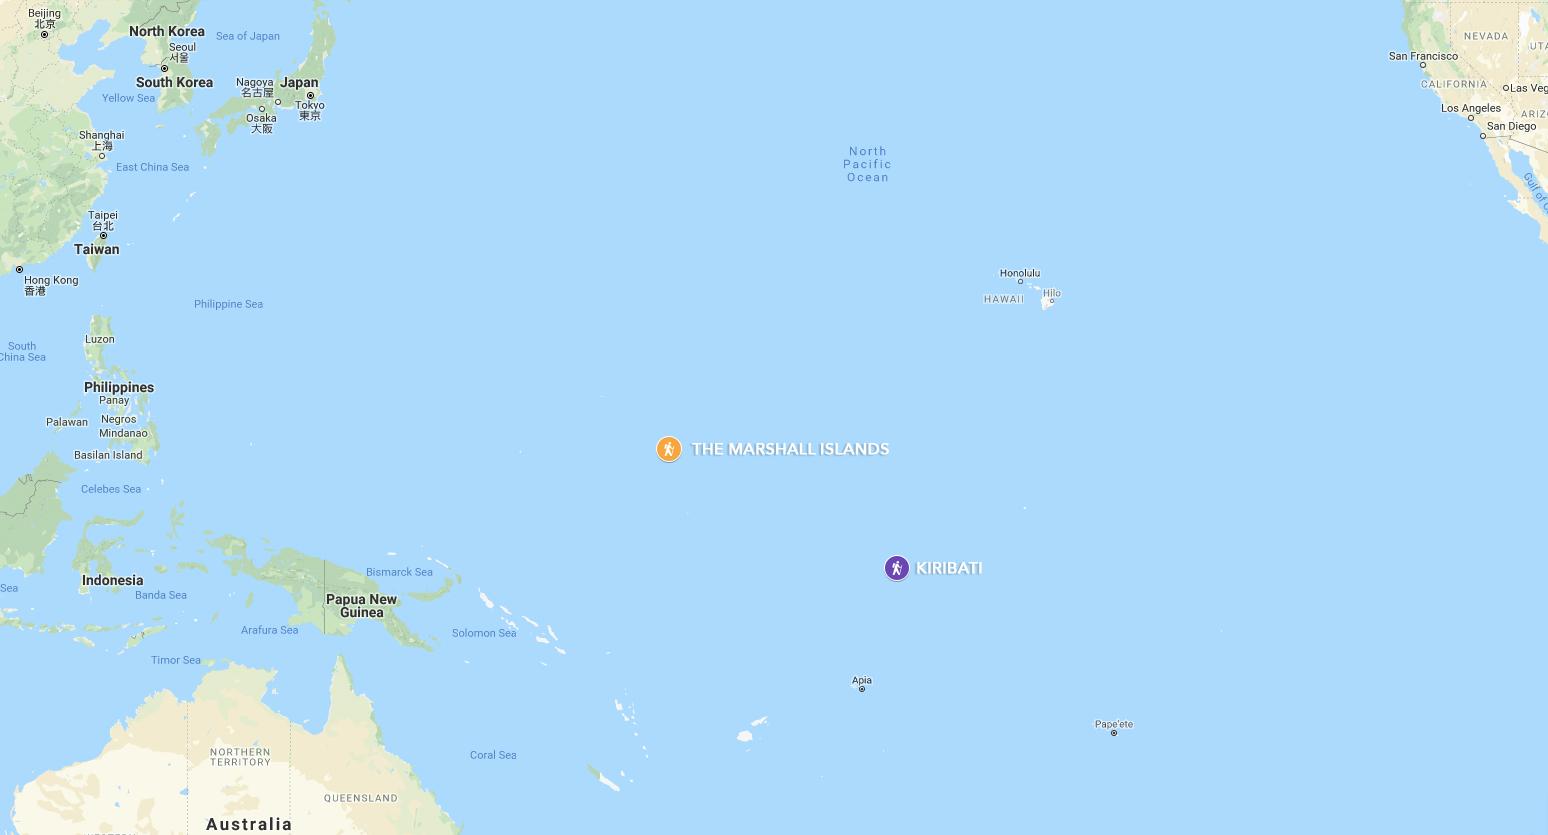 The Marshall Islands and Kiribati